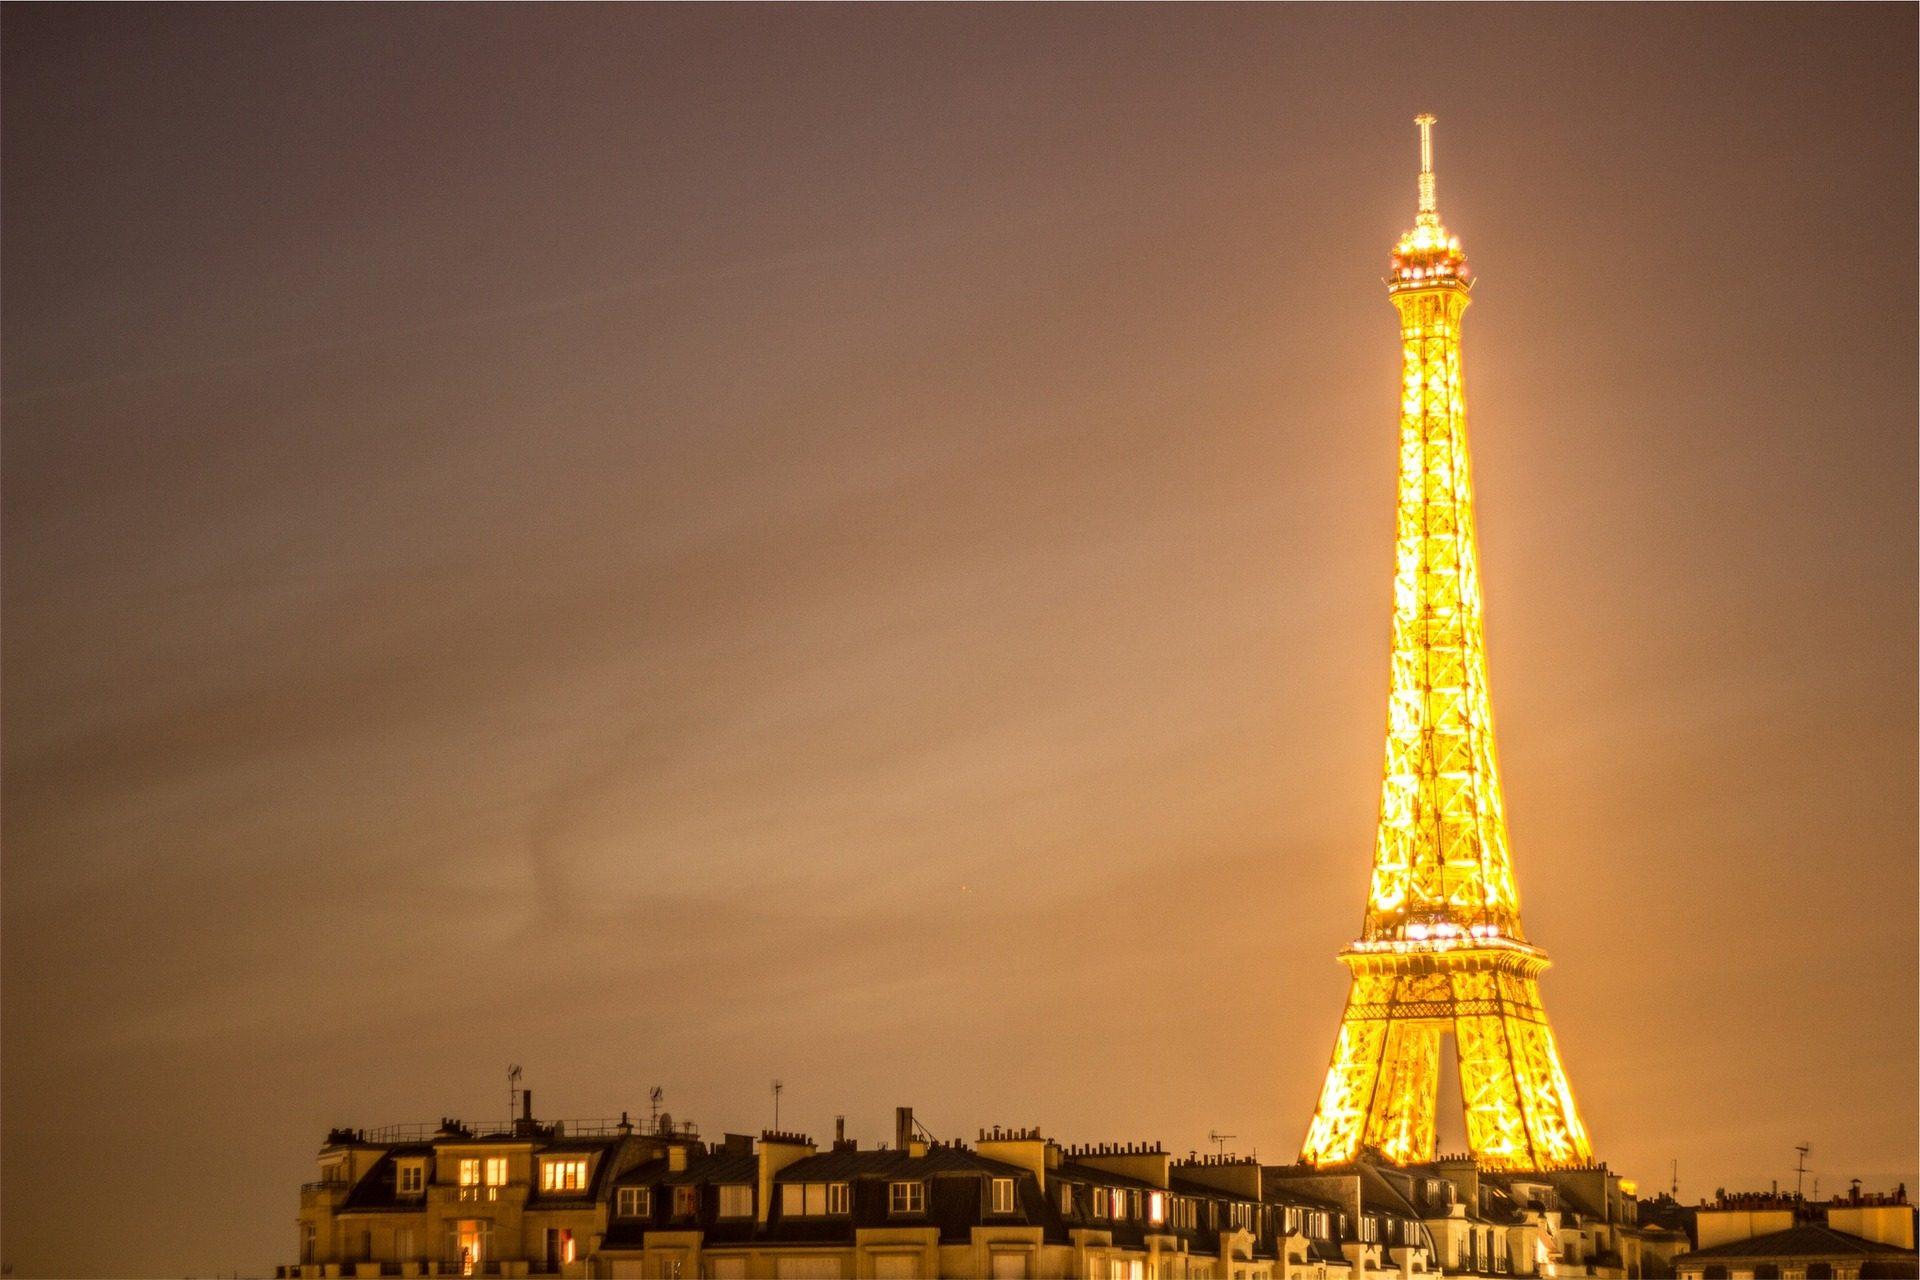 Torre, Eiffel, luzes, iluminado, à noite, Paris - Papéis de parede HD - Professor-falken.com